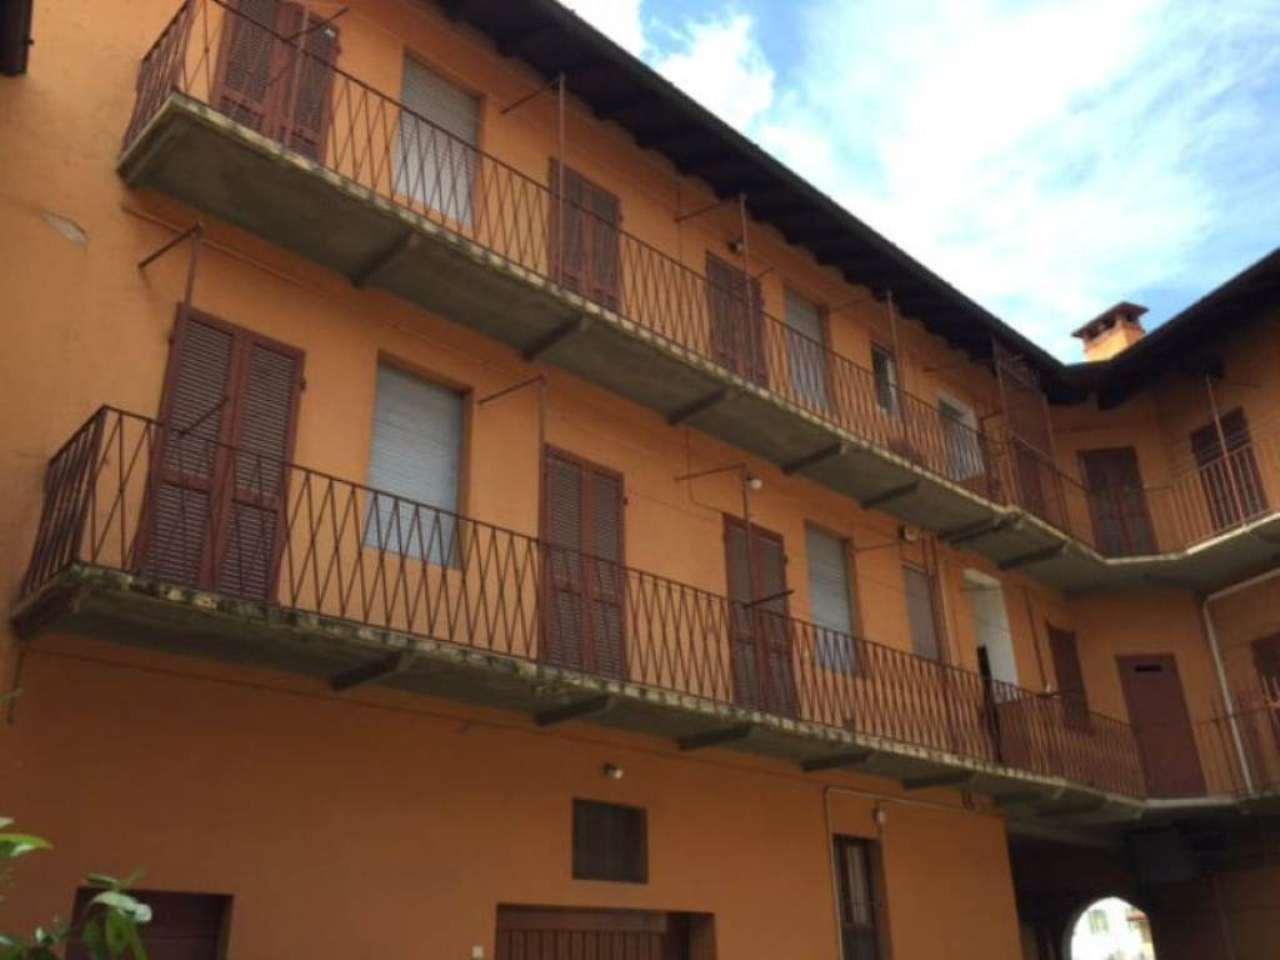 Palazzo / Stabile in vendita a Varese, 9999 locali, prezzo € 490.000 | Cambio Casa.it